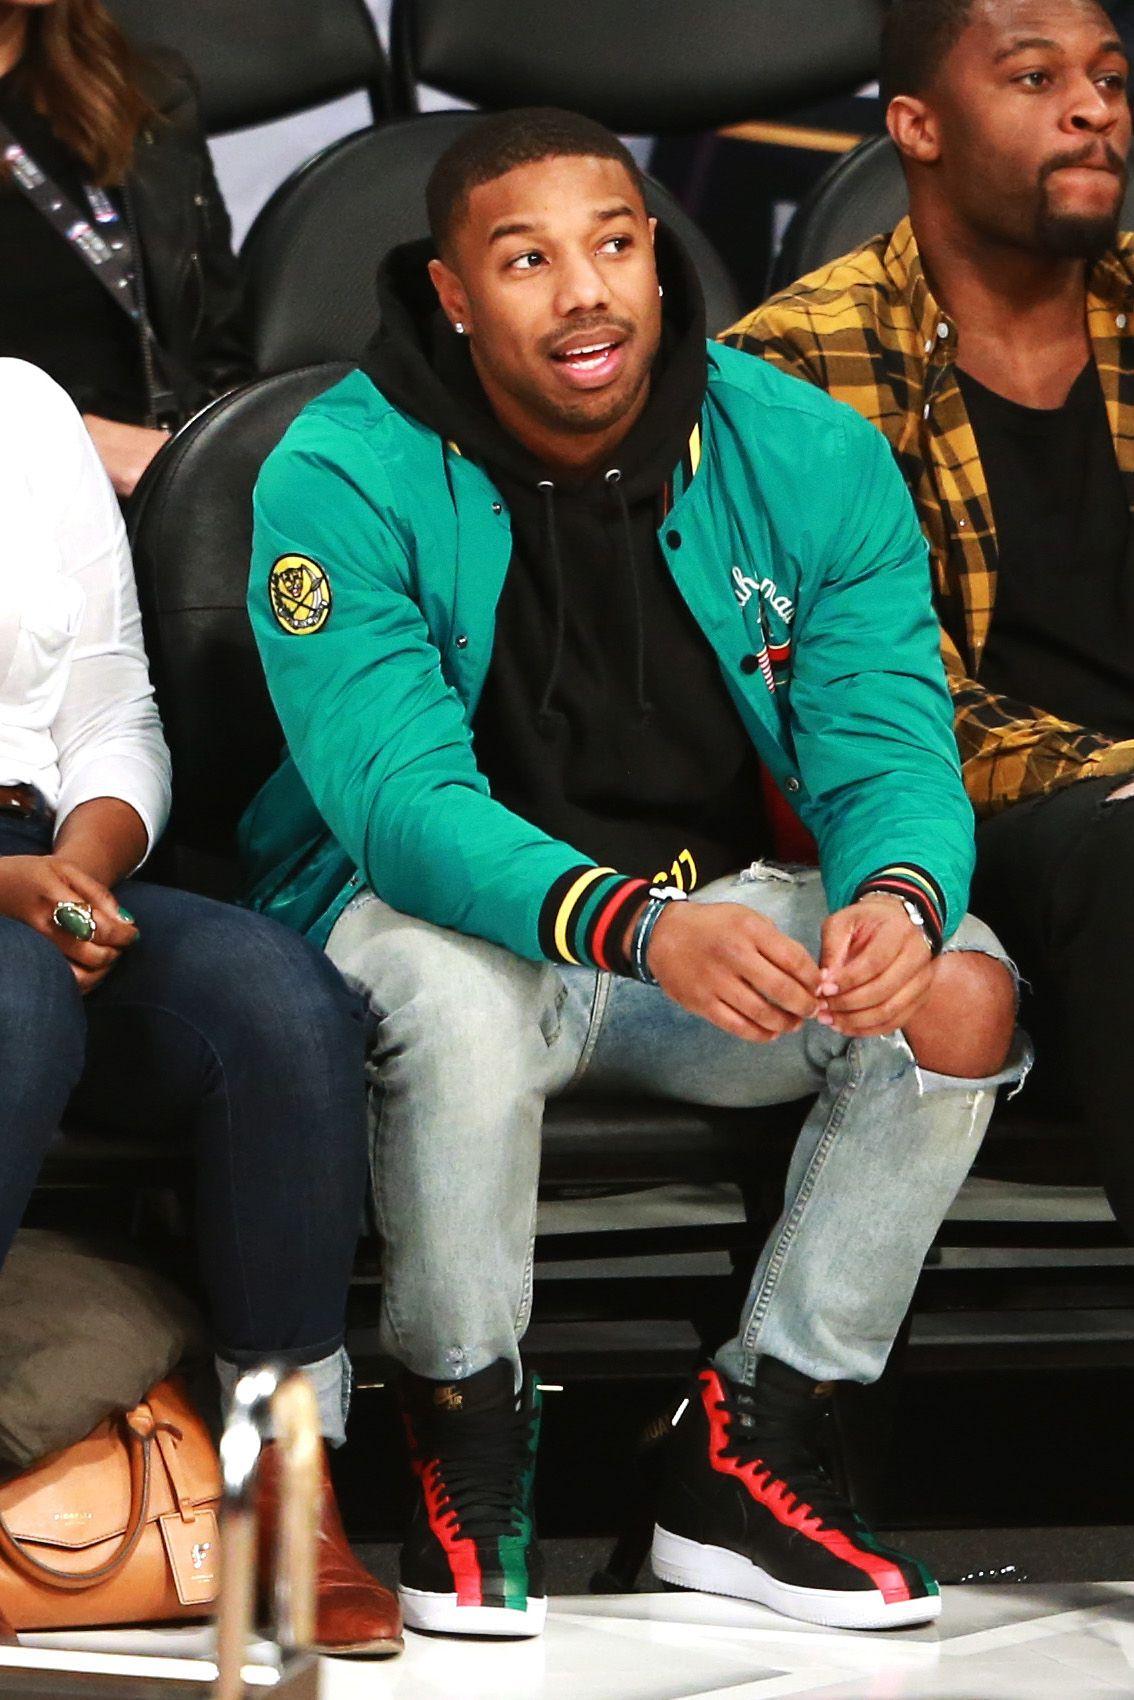 We Should All Rock Standout Knitwear Like Michael B. Jordan